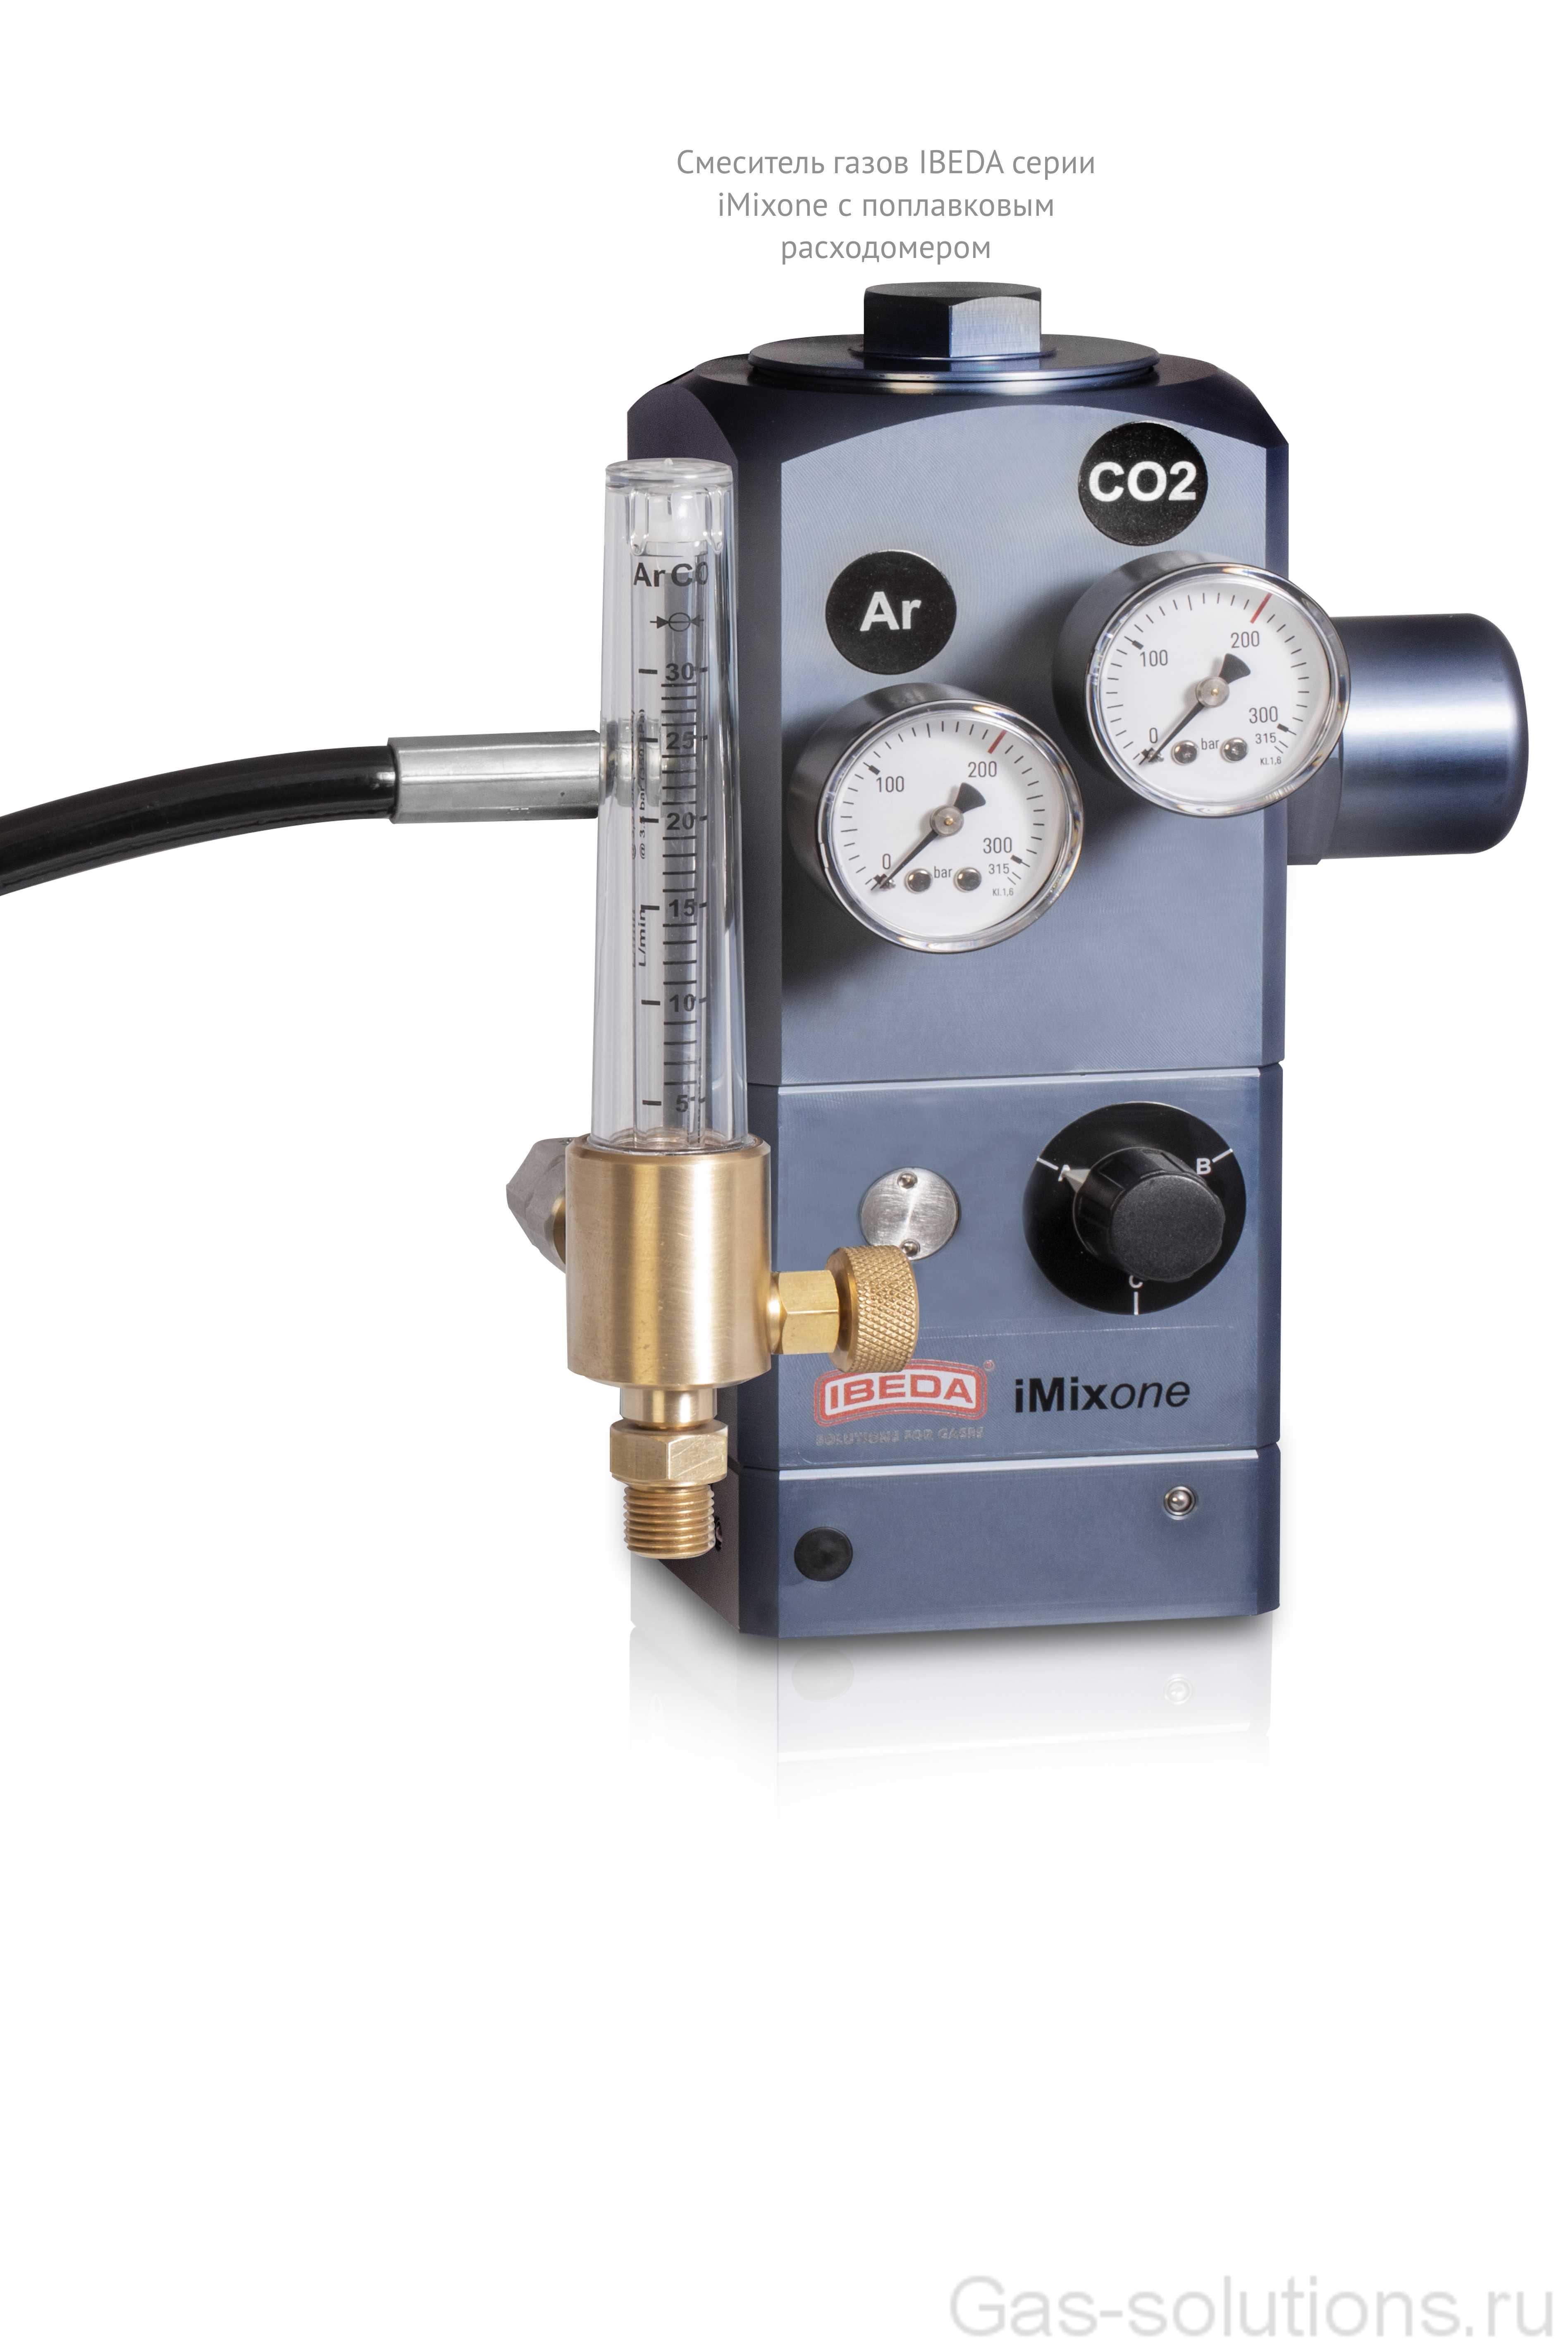 Смеситель газов IBEDA серии iMixone с поплавковым расходомером